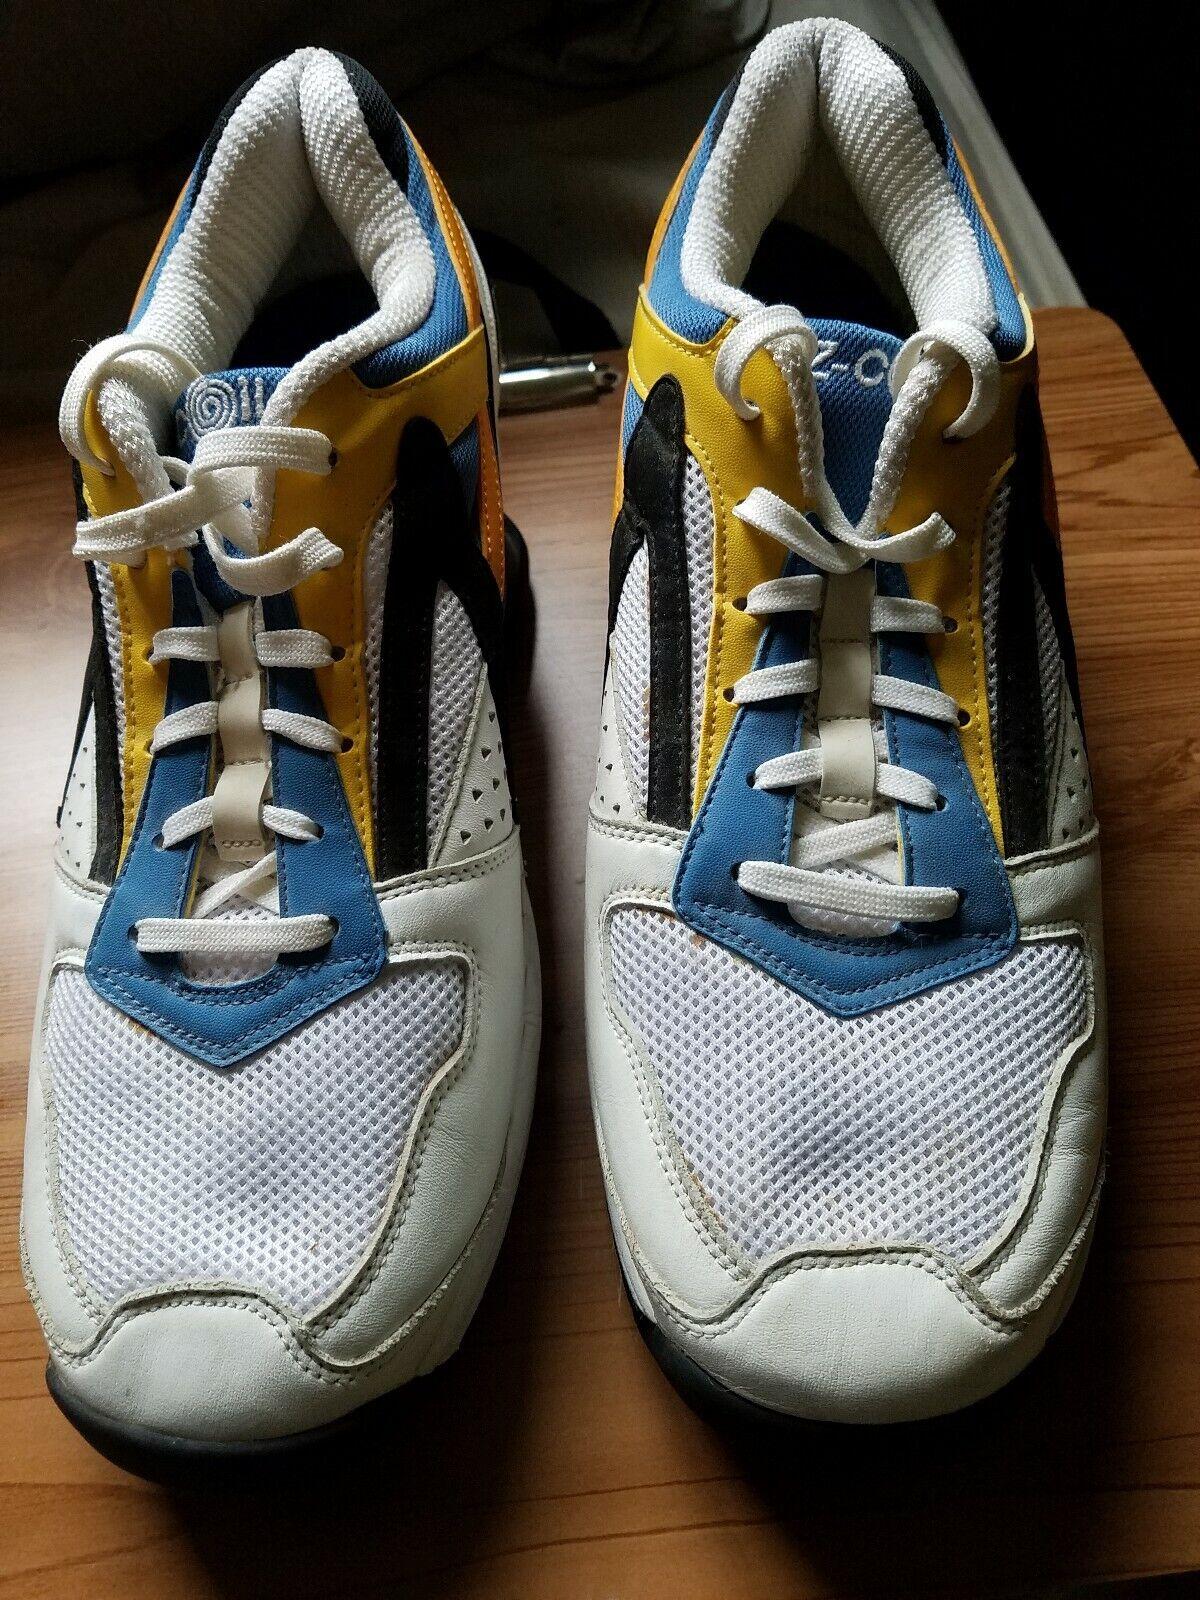 Excellent état utilisé Z-Coil Pain Relief Chaussures Homme 12 Anniversary Edition signé par inventeur